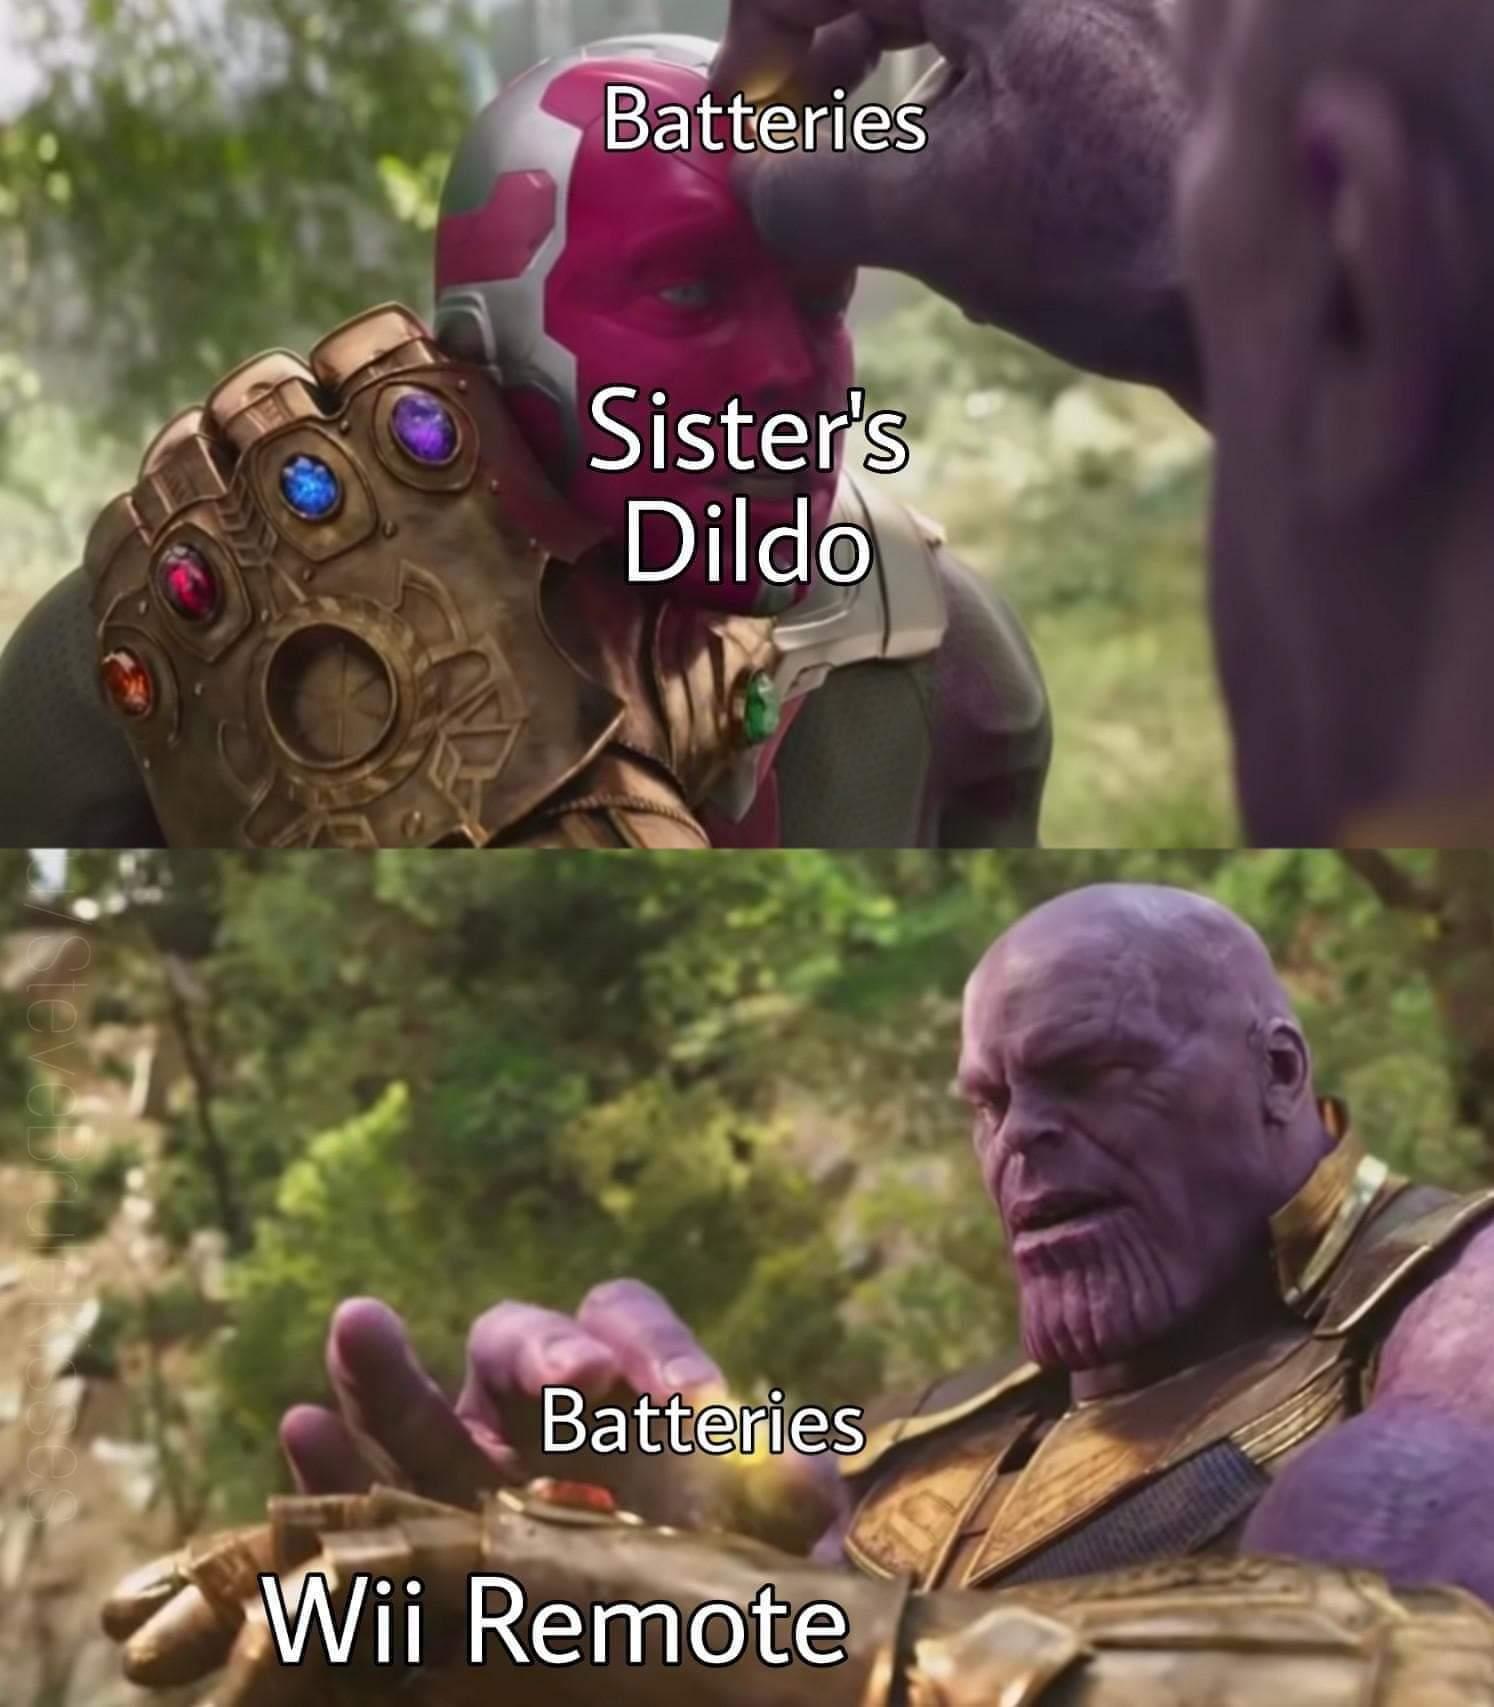 Il me manque une soeur .-. - meme